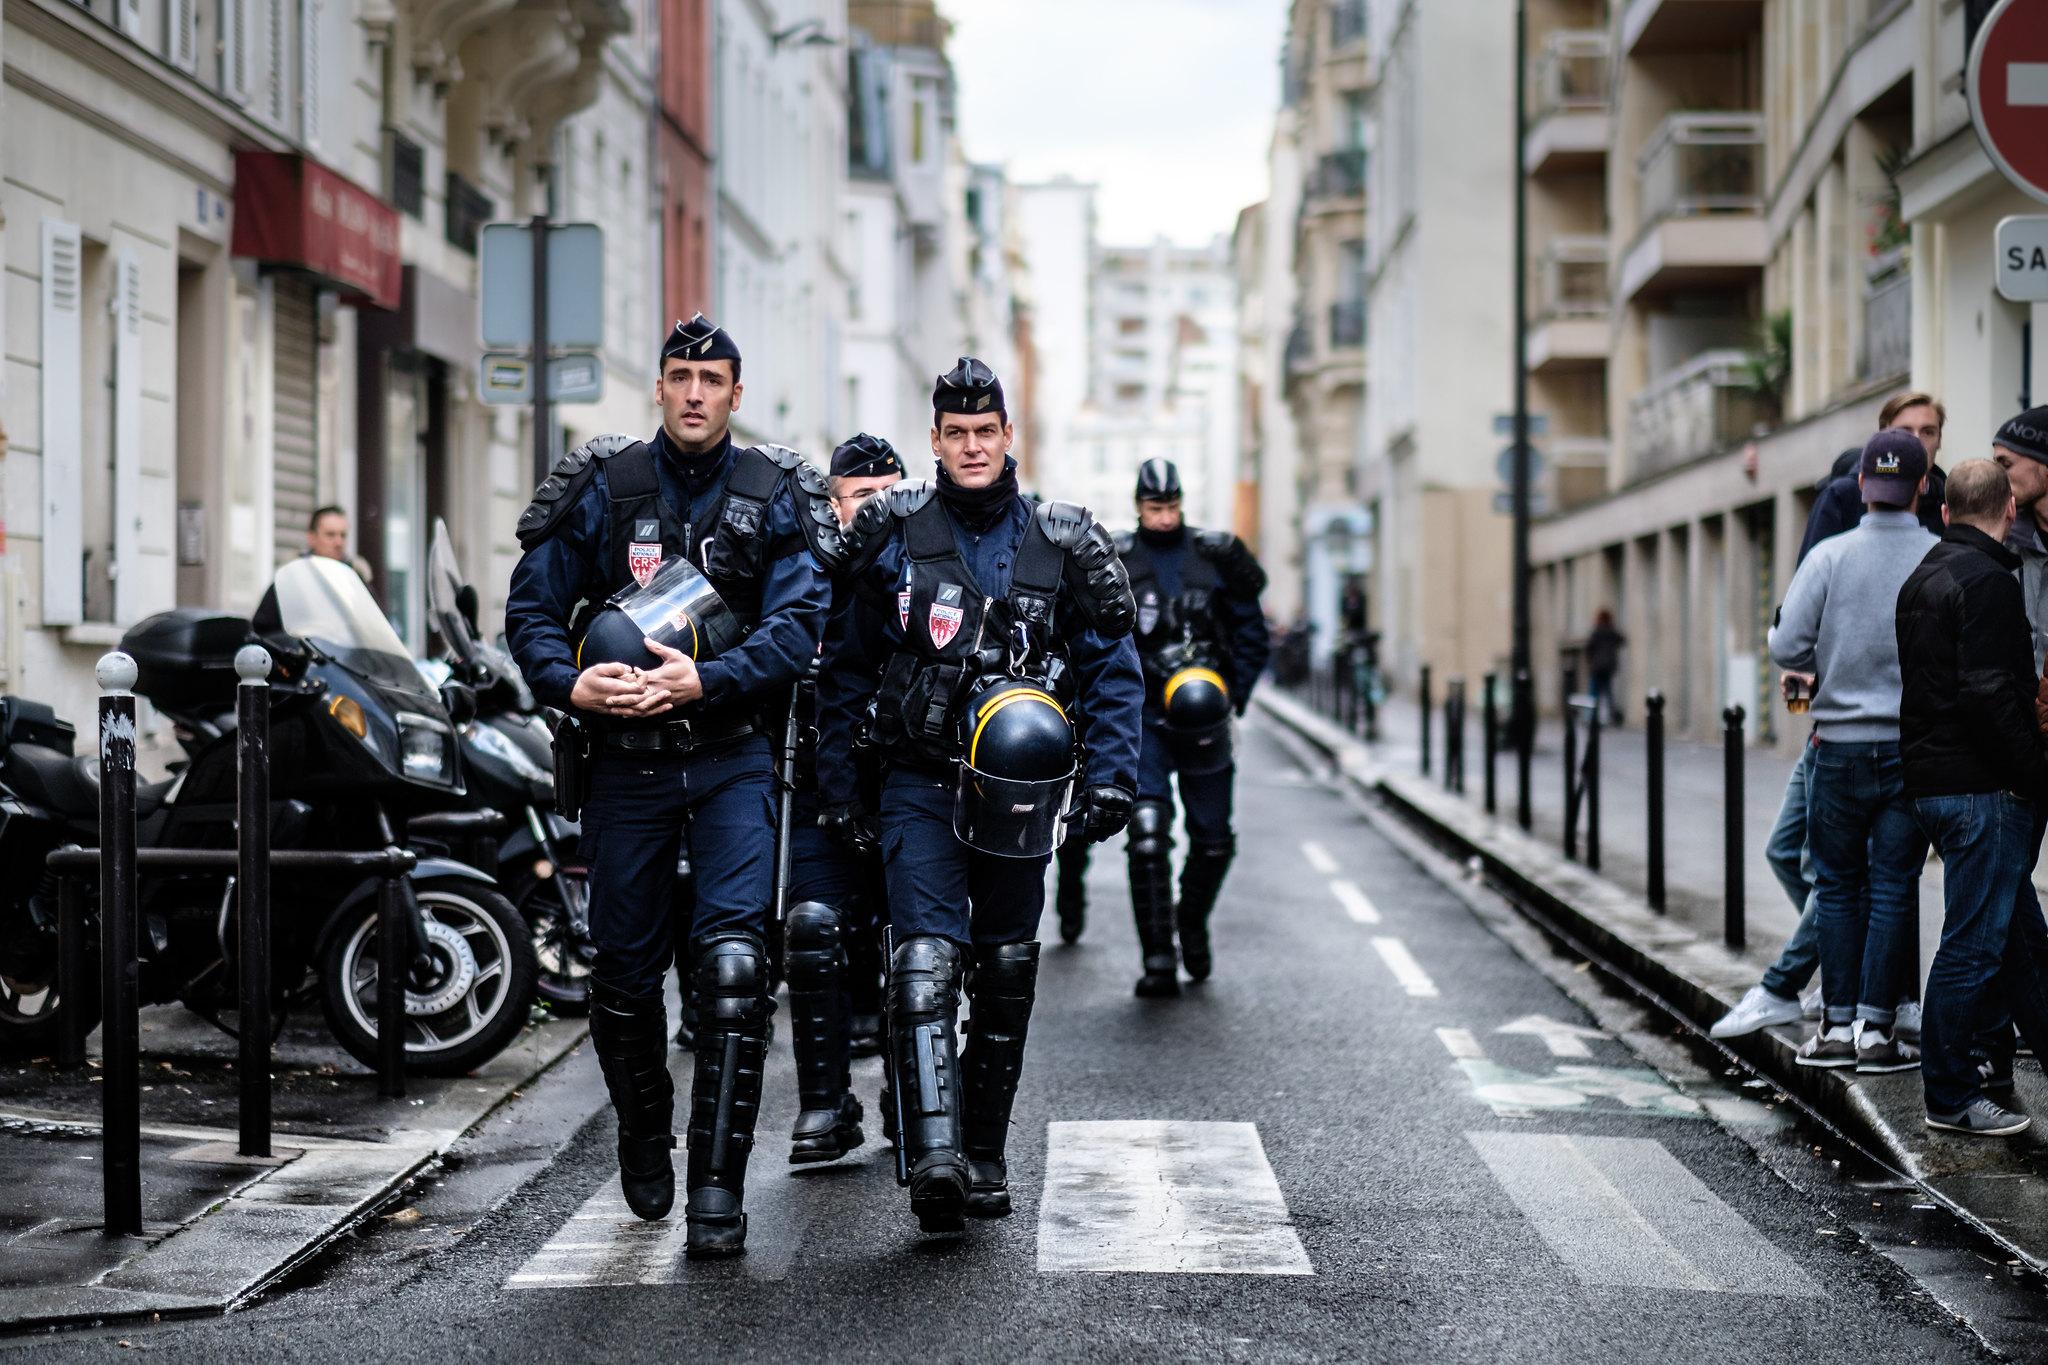 Cosa sta succedendo in Francia con lo stato di emergenza